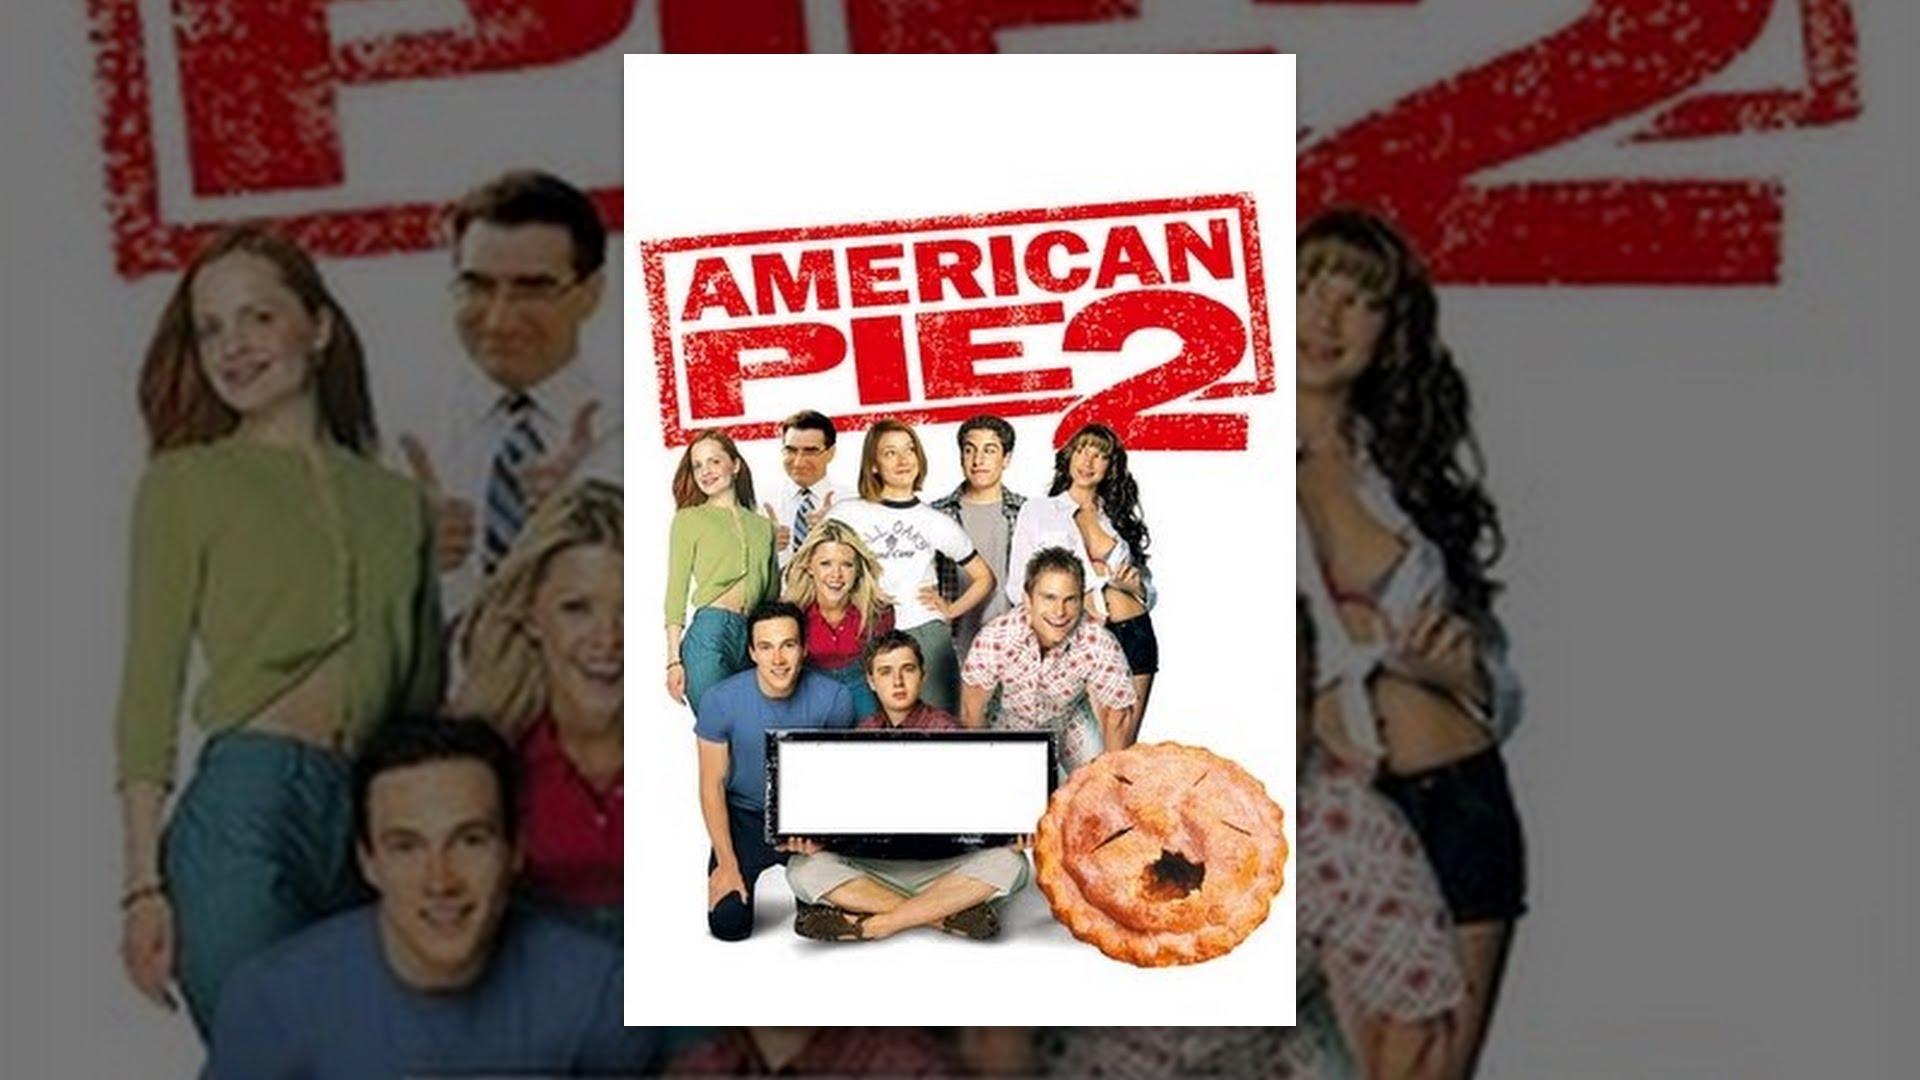 American Pie 9 American Pie 2 - YouTu...